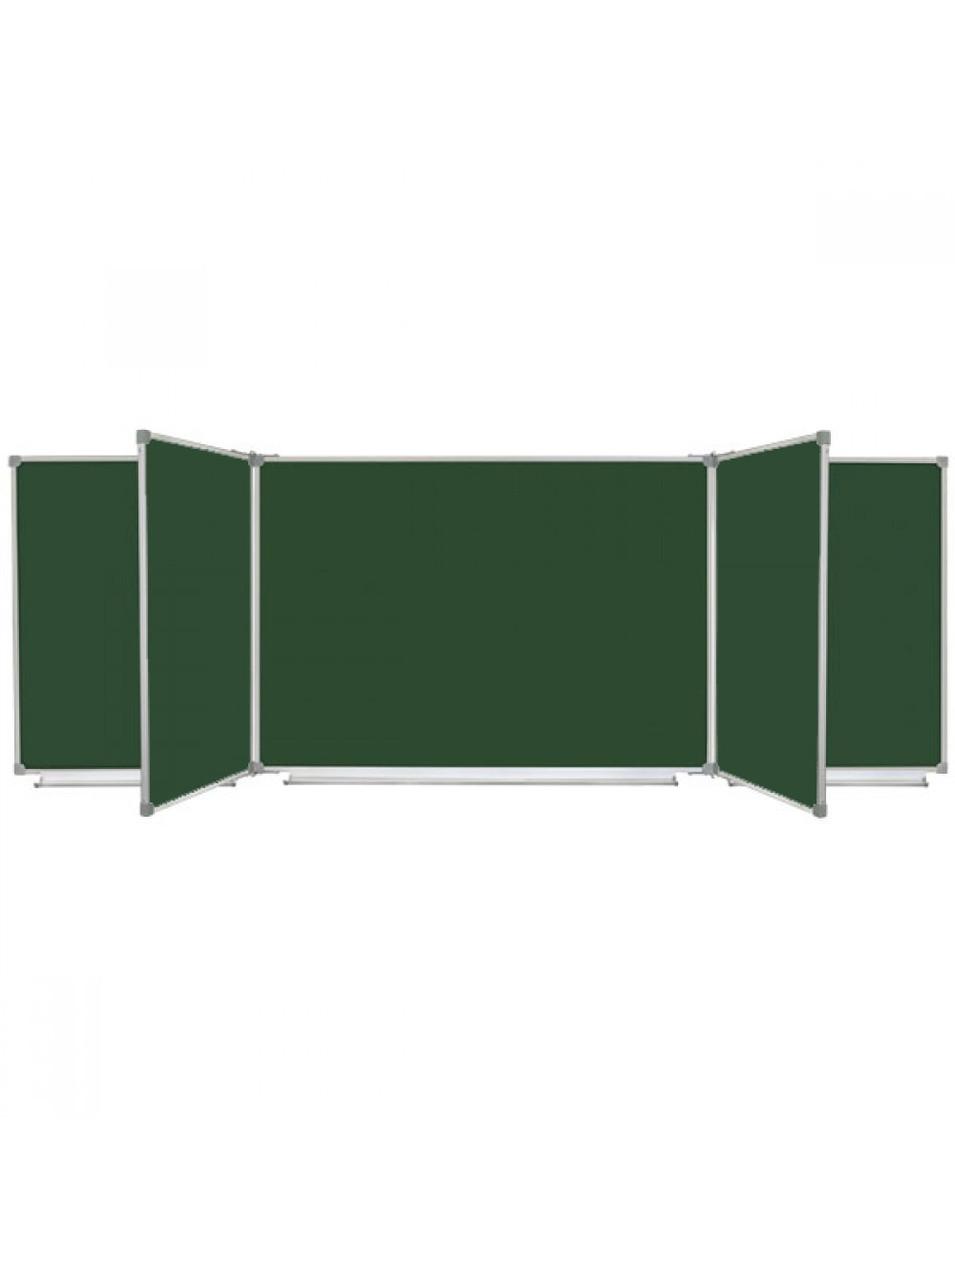 Шкільна дошка магнітна крейдова, 7 поверхнева, 400x100 см